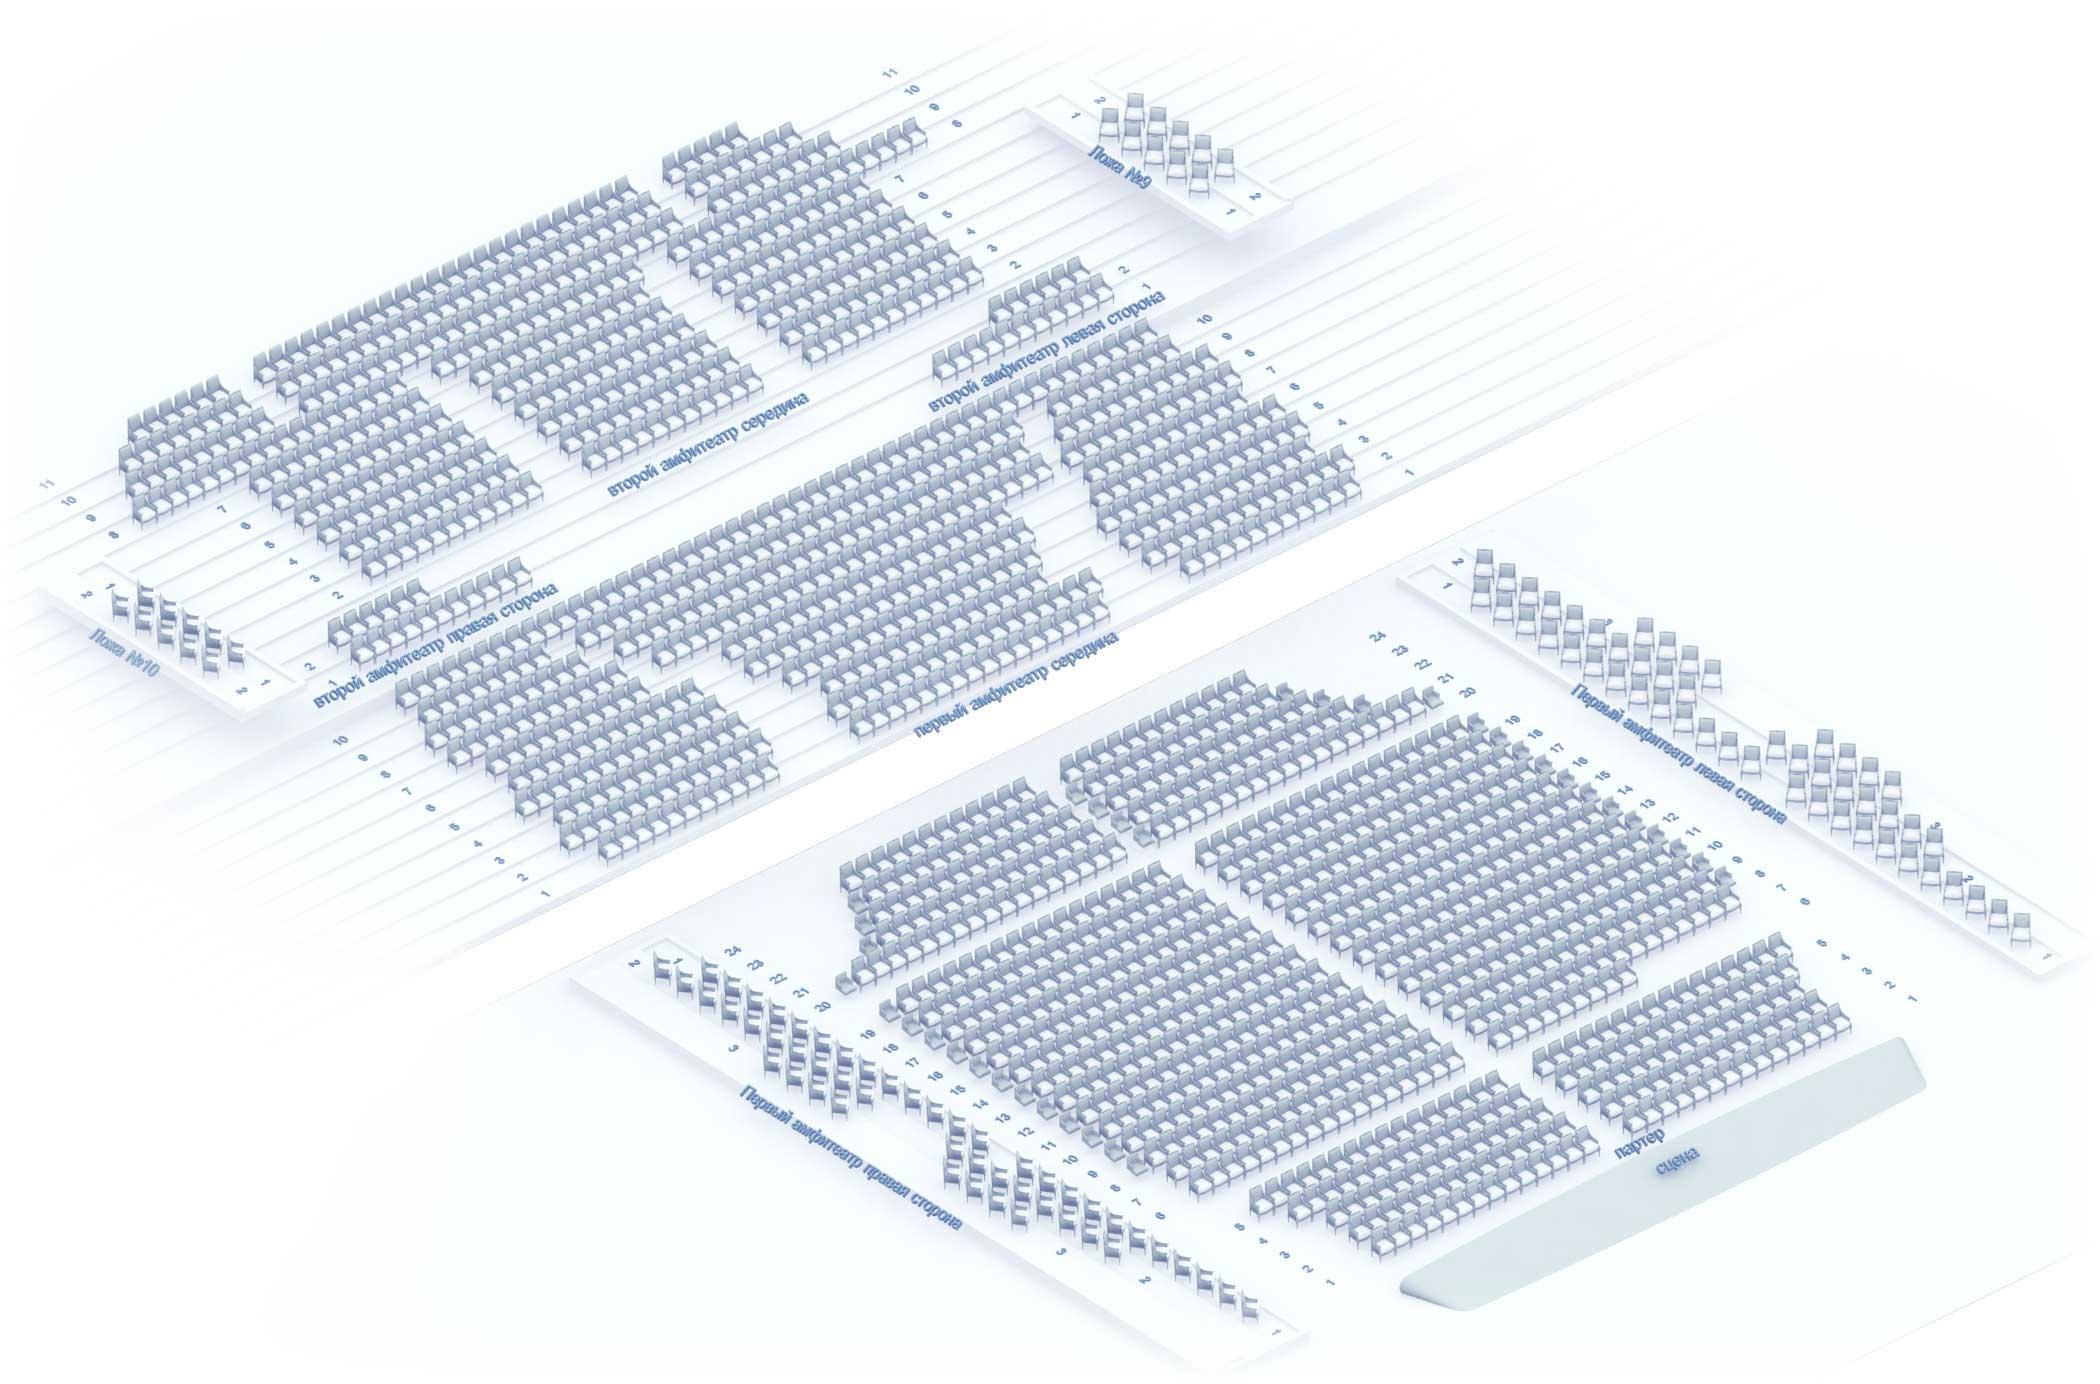 Схема Большого зала Московской консерватории